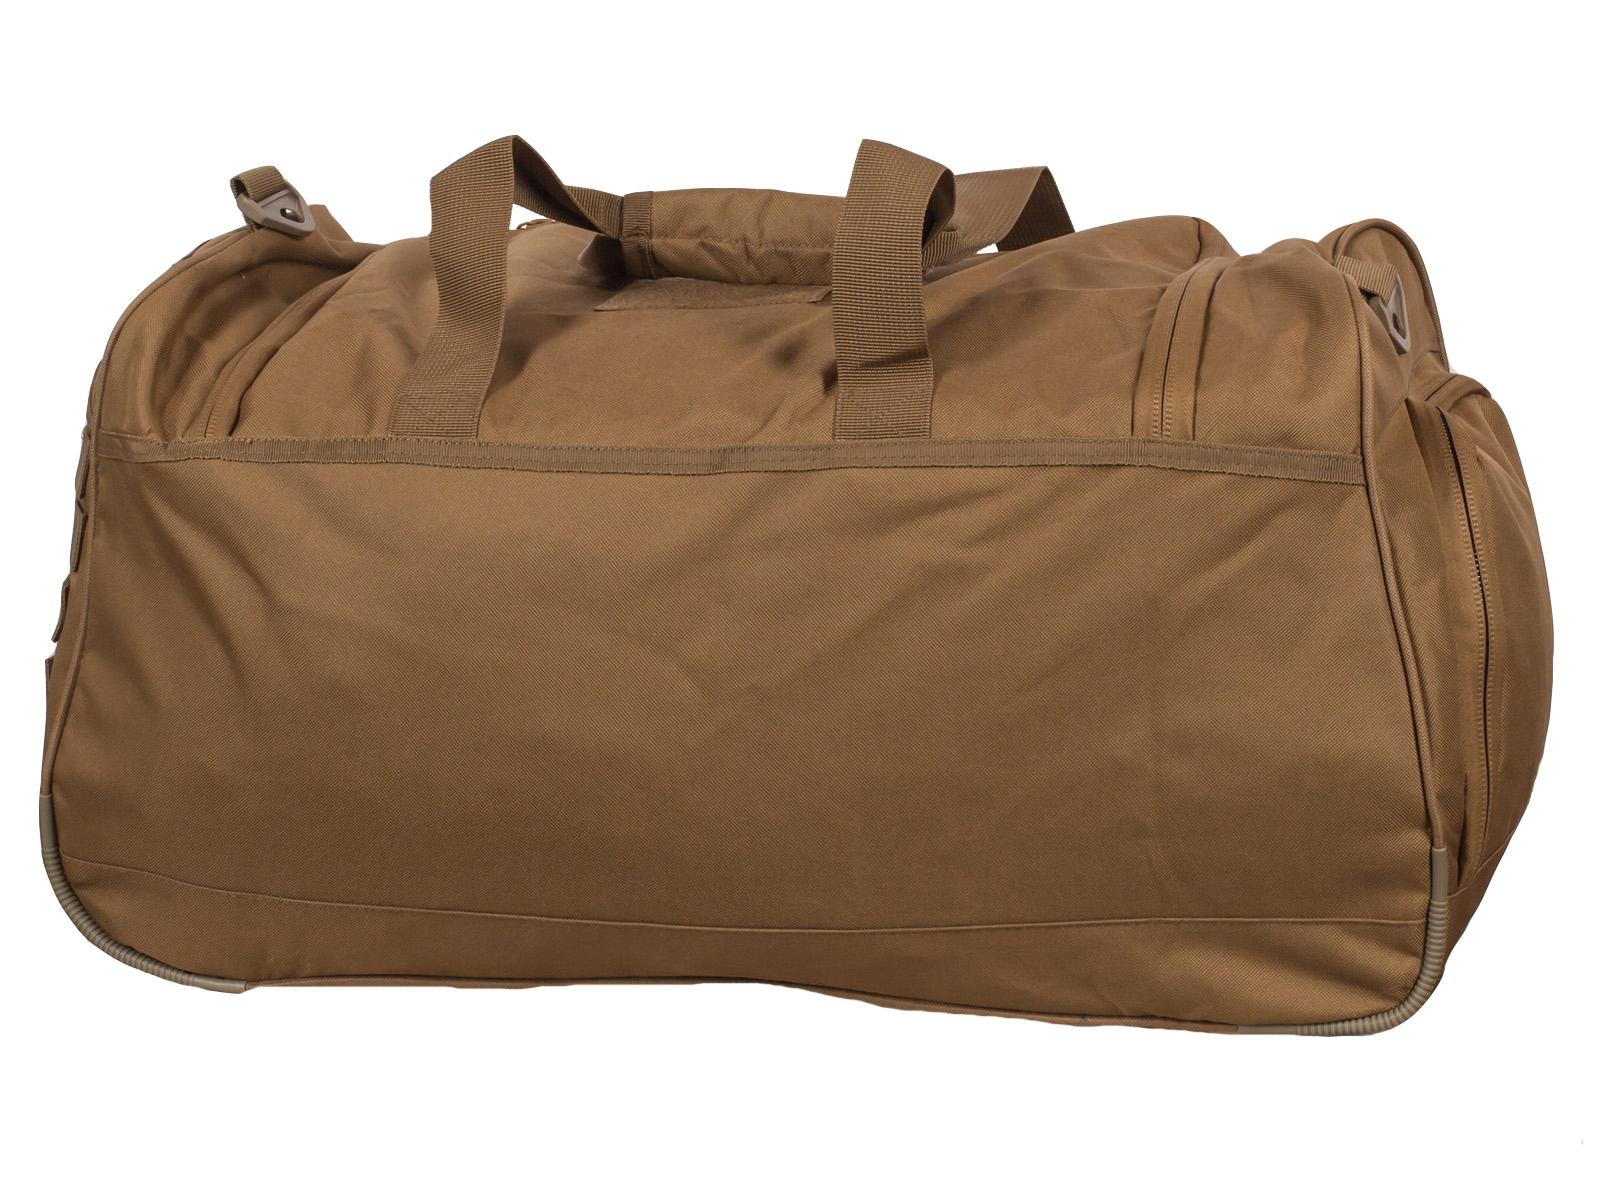 Купить военную сумку Спецназа – ограниченная партия